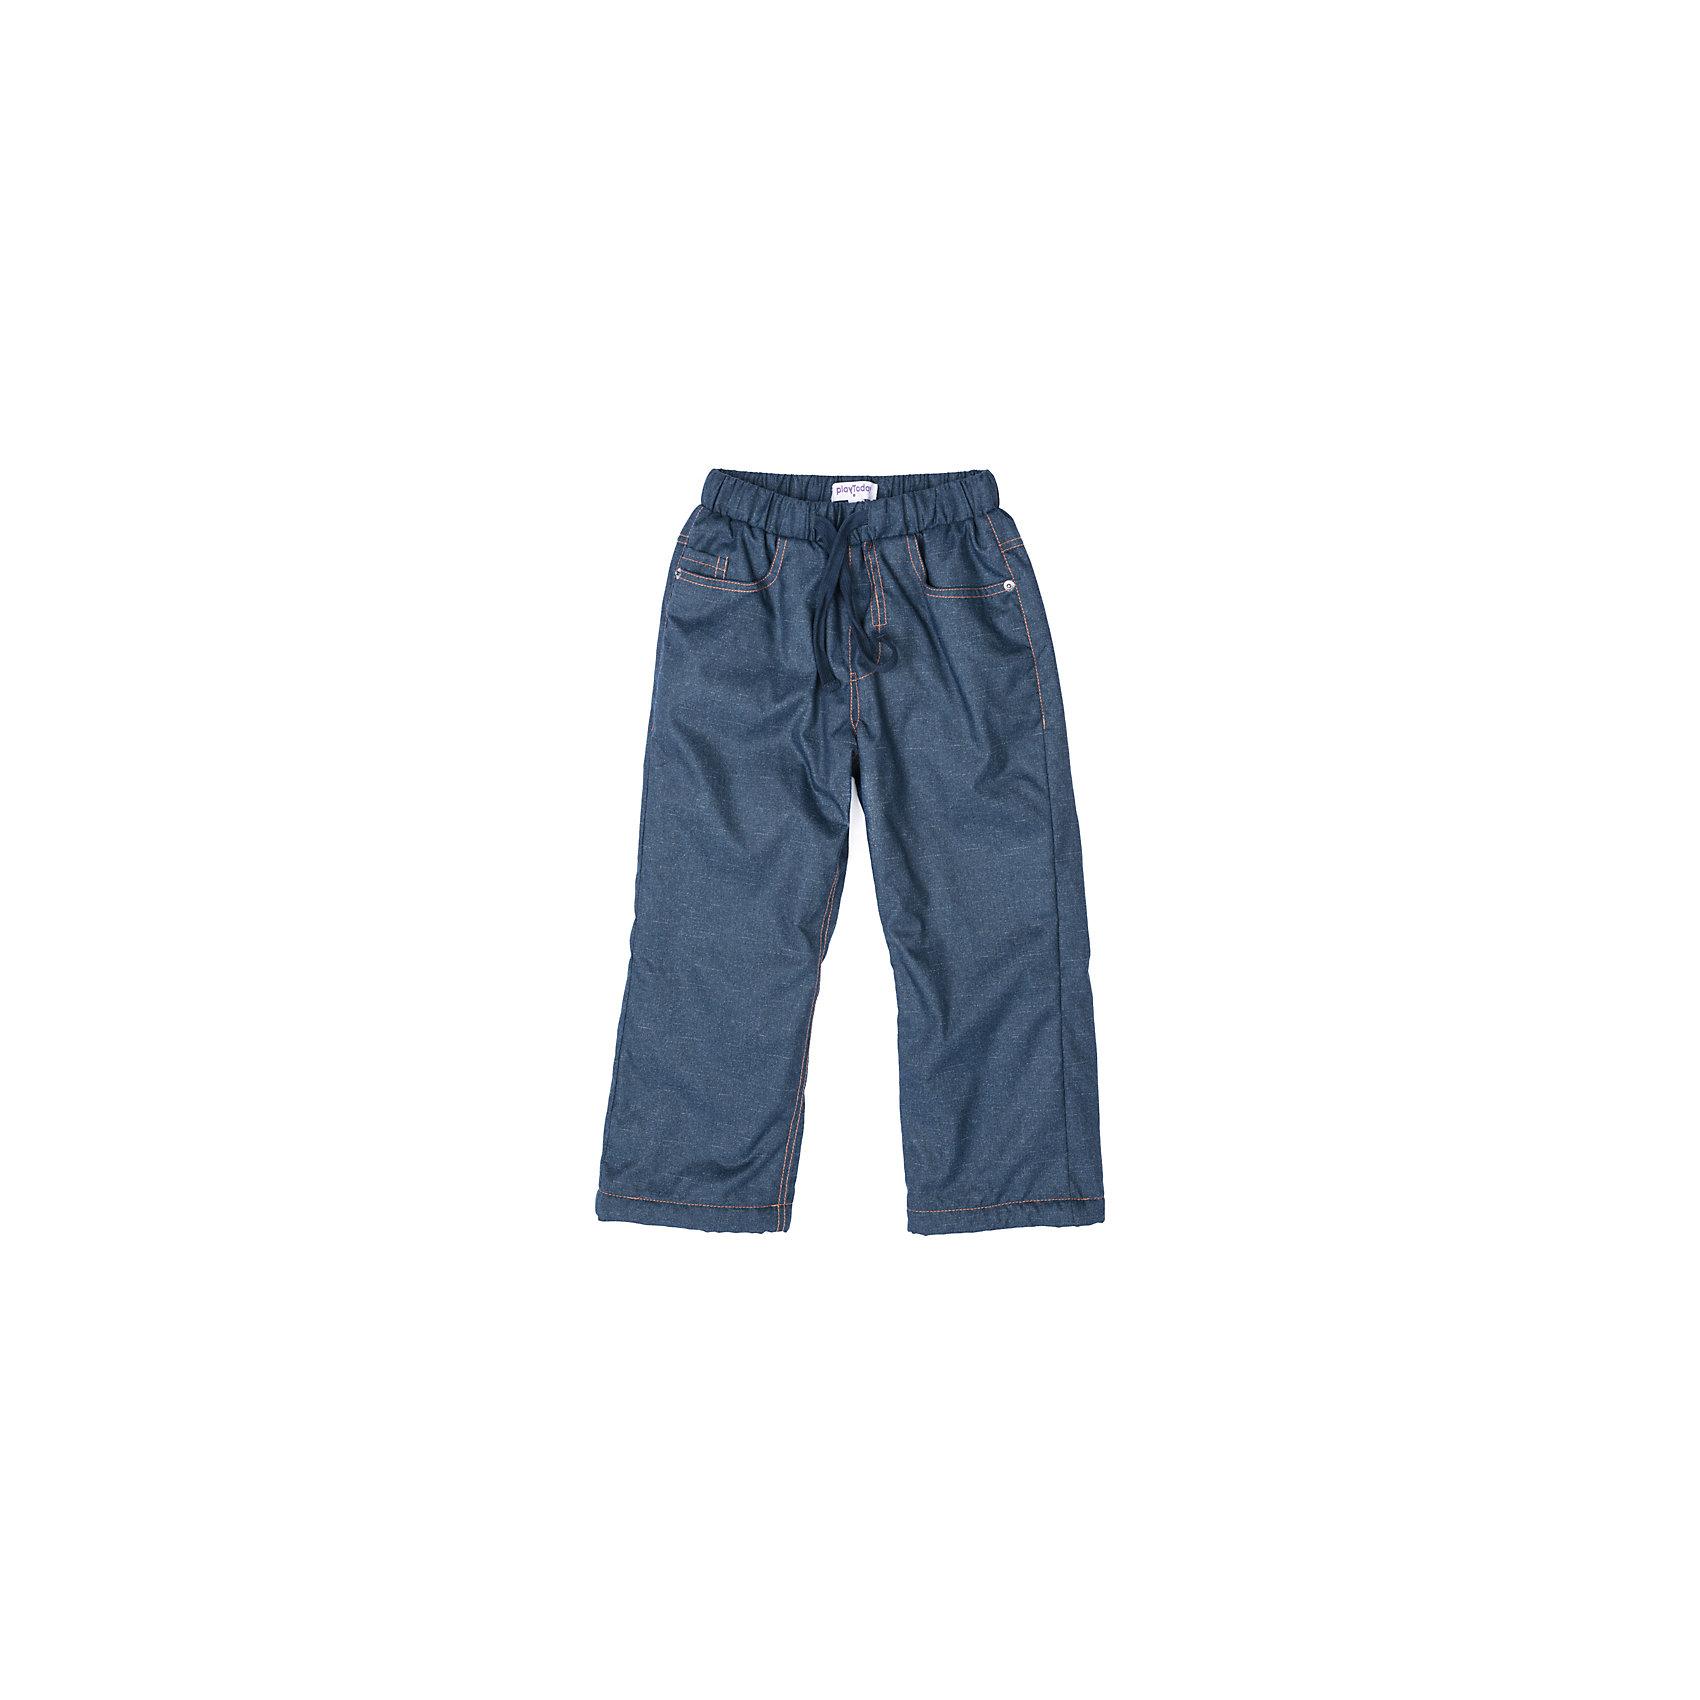 Брюки PlayToday для мальчикаБрюки<br>Брюки PlayToday для мальчика<br>Утепленные брюки из водоотталкивающей ткани. Пояс на широкой плотной резинке, дополнен регулируемым шнуром - кулиской. Подкладка модели состоит из 2-х частей. Верняя - мягкий флис, нижняя (у щиколоток) - полиэстер. За счет такого разделения подкладки брюки практичны в использовании и удобны в процессе одевания. 5-ти карманная модель.<br>Состав:<br>Верх: 100% полиэстер, подкладка: 100% полиэстер<br><br>Ширина мм: 215<br>Глубина мм: 88<br>Высота мм: 191<br>Вес г: 336<br>Цвет: синий<br>Возраст от месяцев: 84<br>Возраст до месяцев: 96<br>Пол: Мужской<br>Возраст: Детский<br>Размер: 128,98,104,110,116,122<br>SKU: 7111567